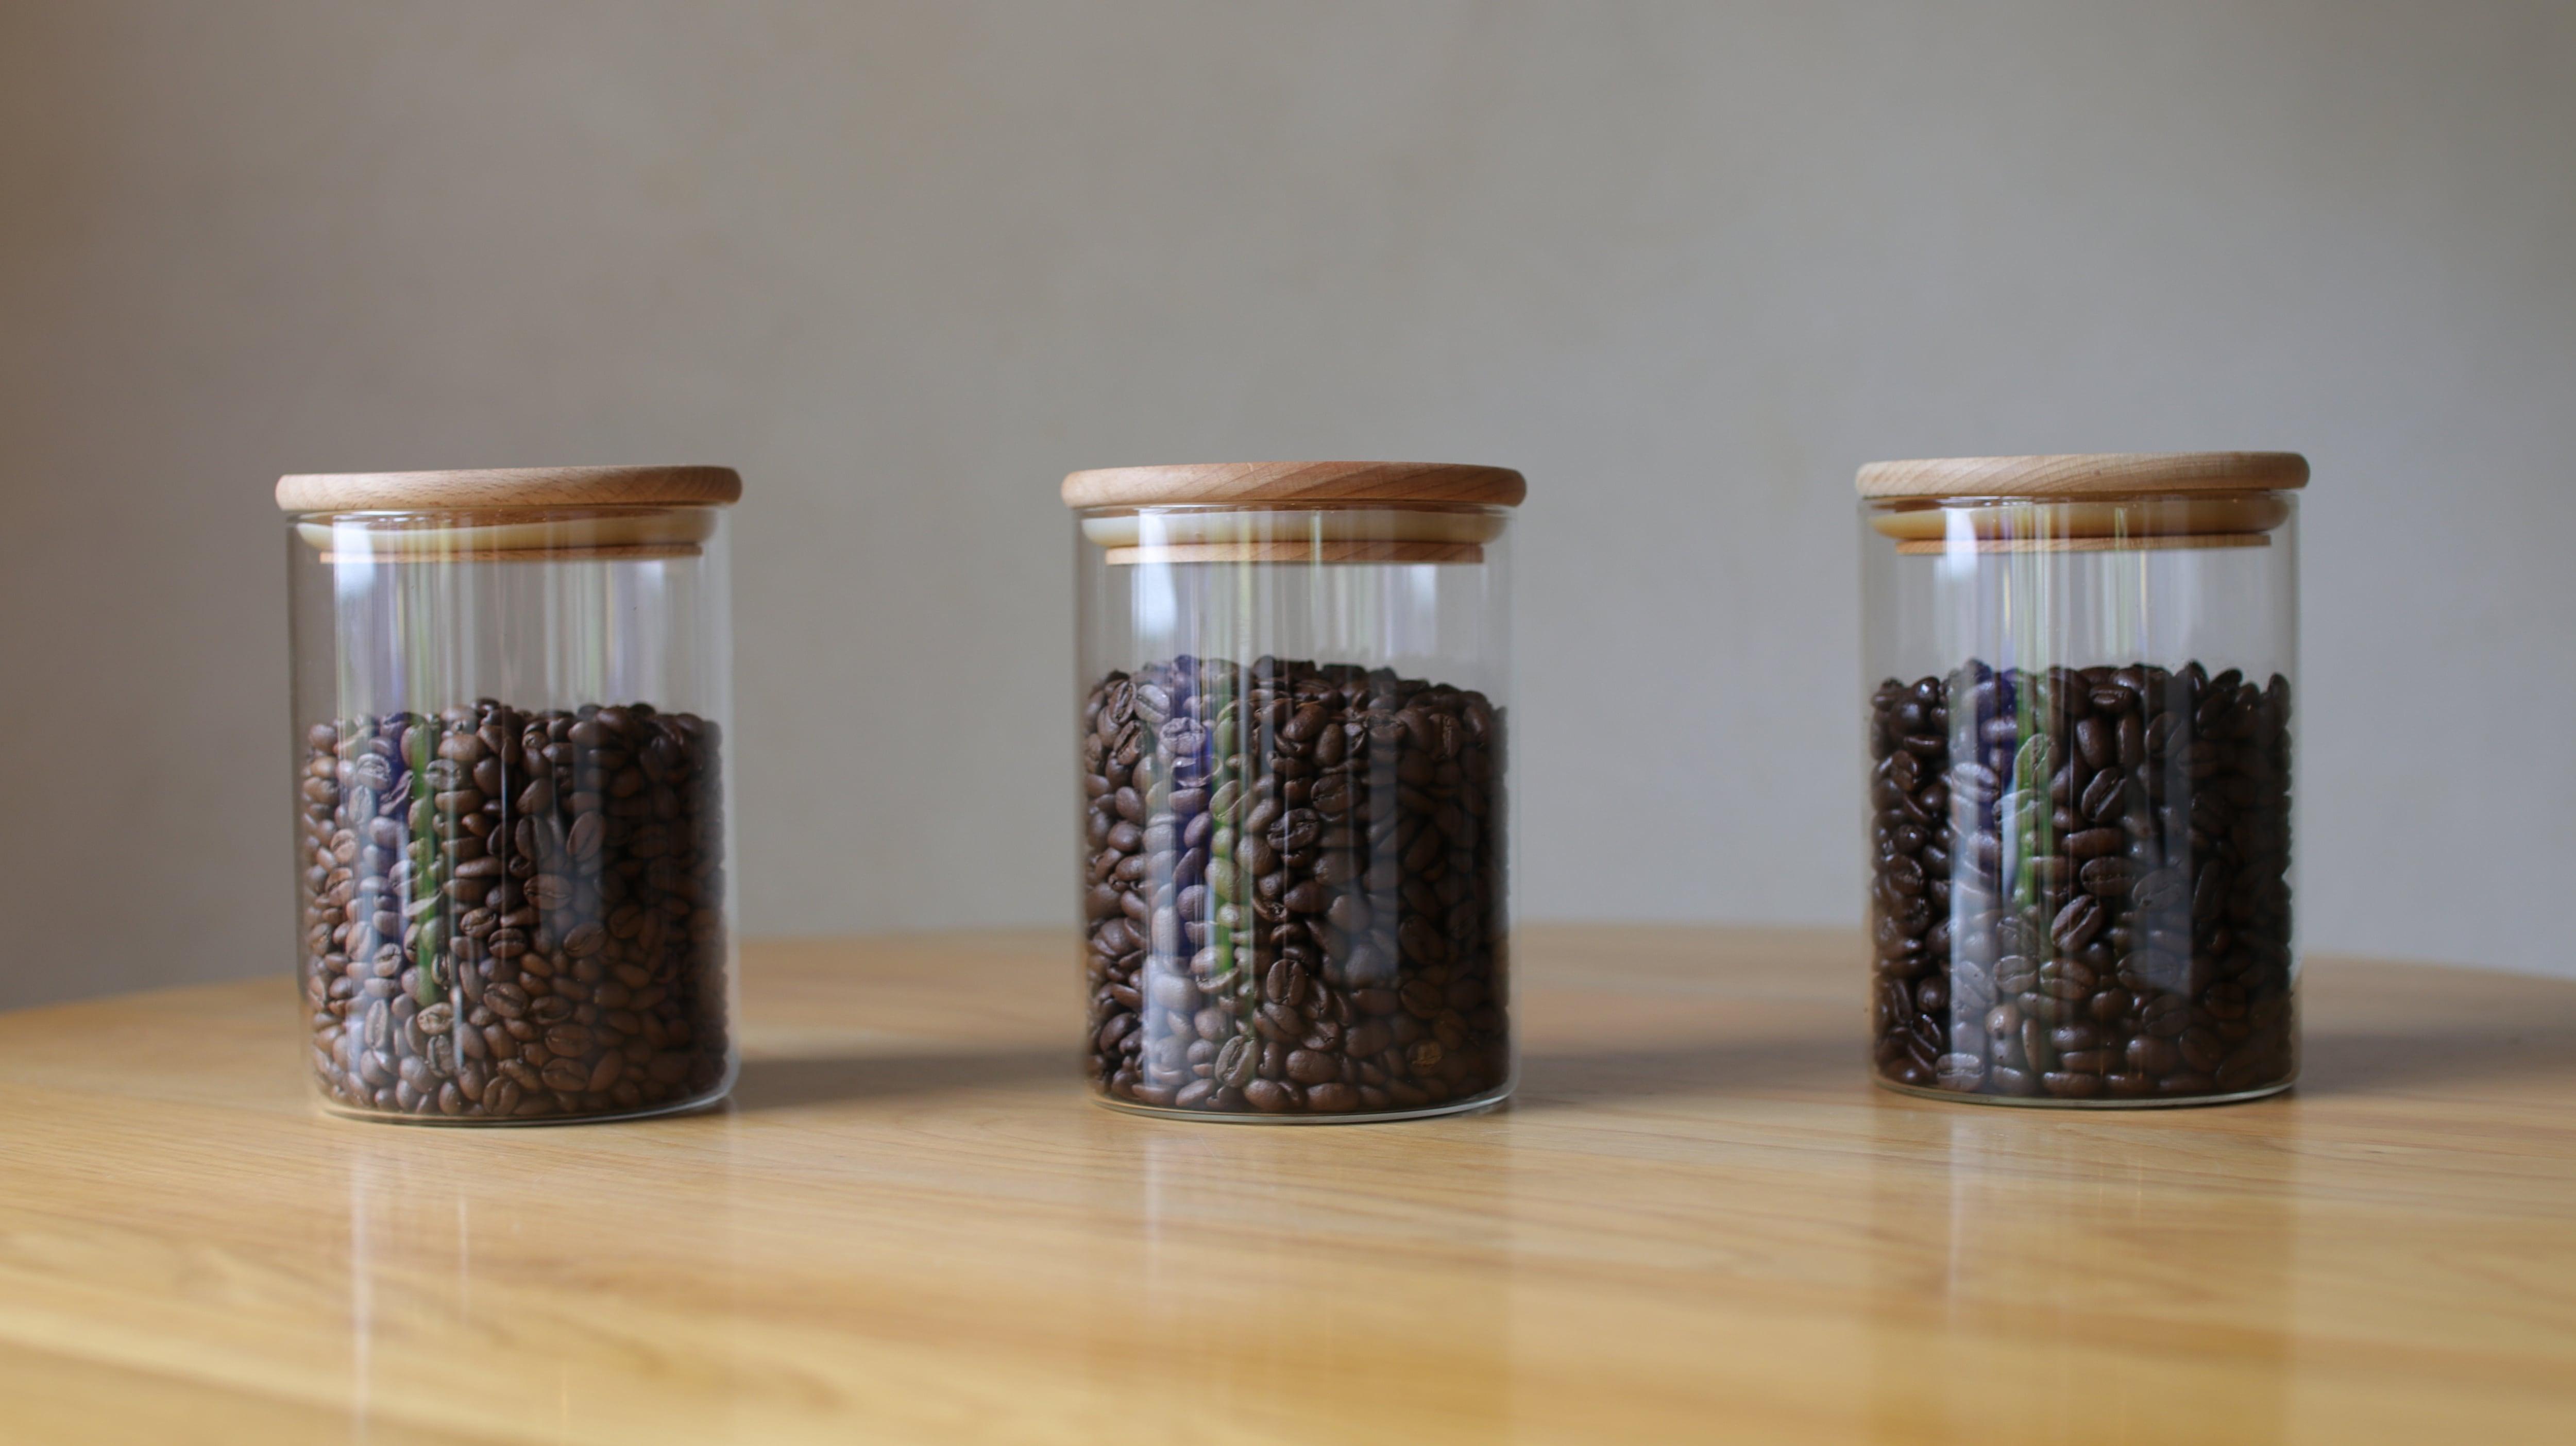 【まずはこれから】はじめてのコーヒー3種飲み比べセット(香りのモカ、甘みのブラジル、苦みのマンデリン)